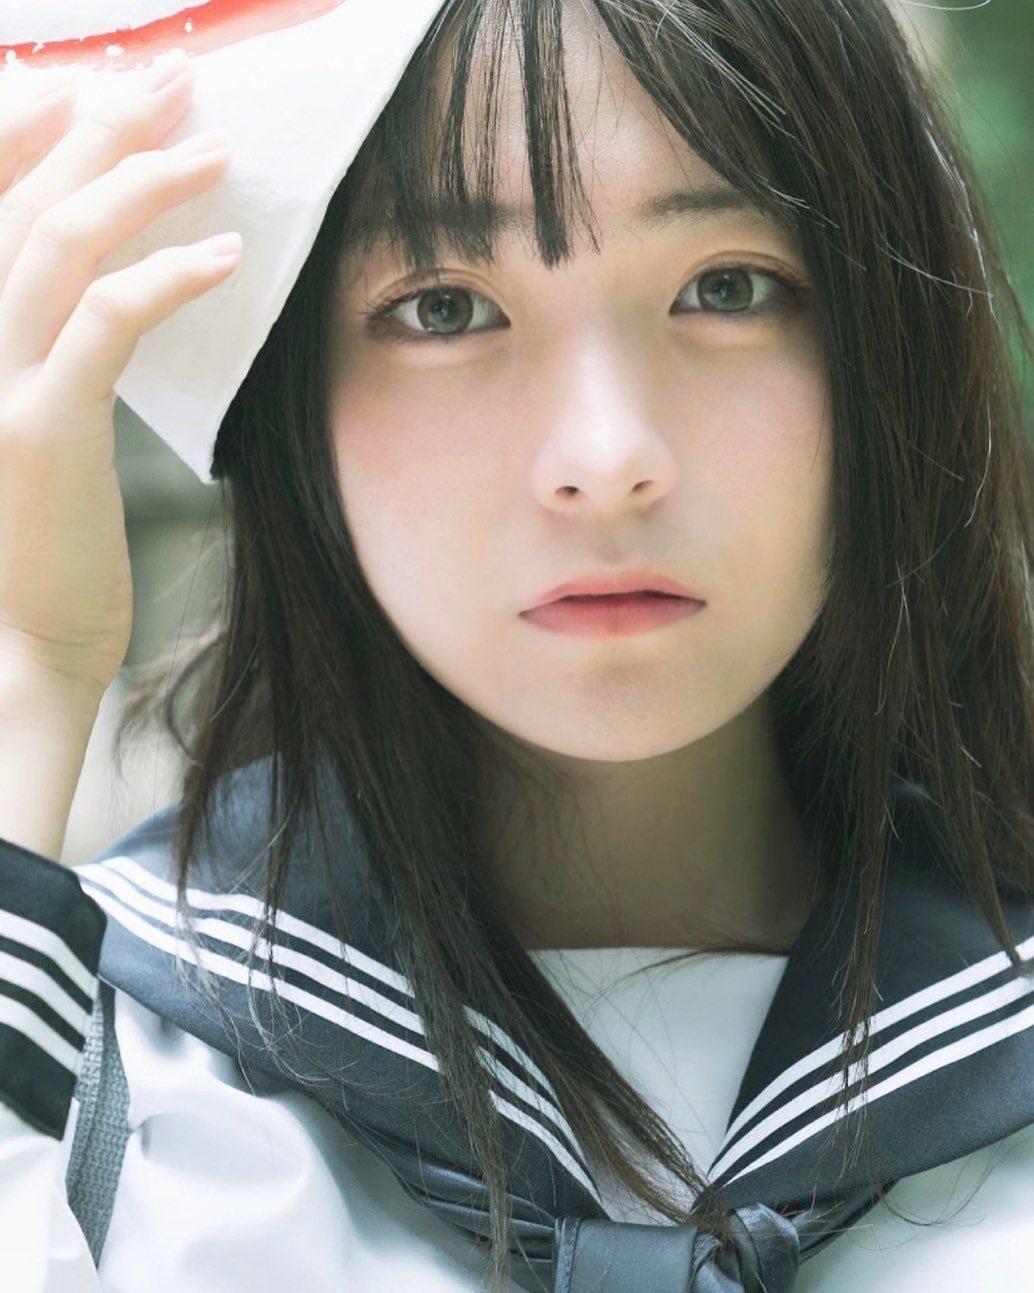 17岁仙女高中生瀬戸りつ绝美长相激似IU 全身散发空灵气质美到有点不真实 养眼图片 第21张